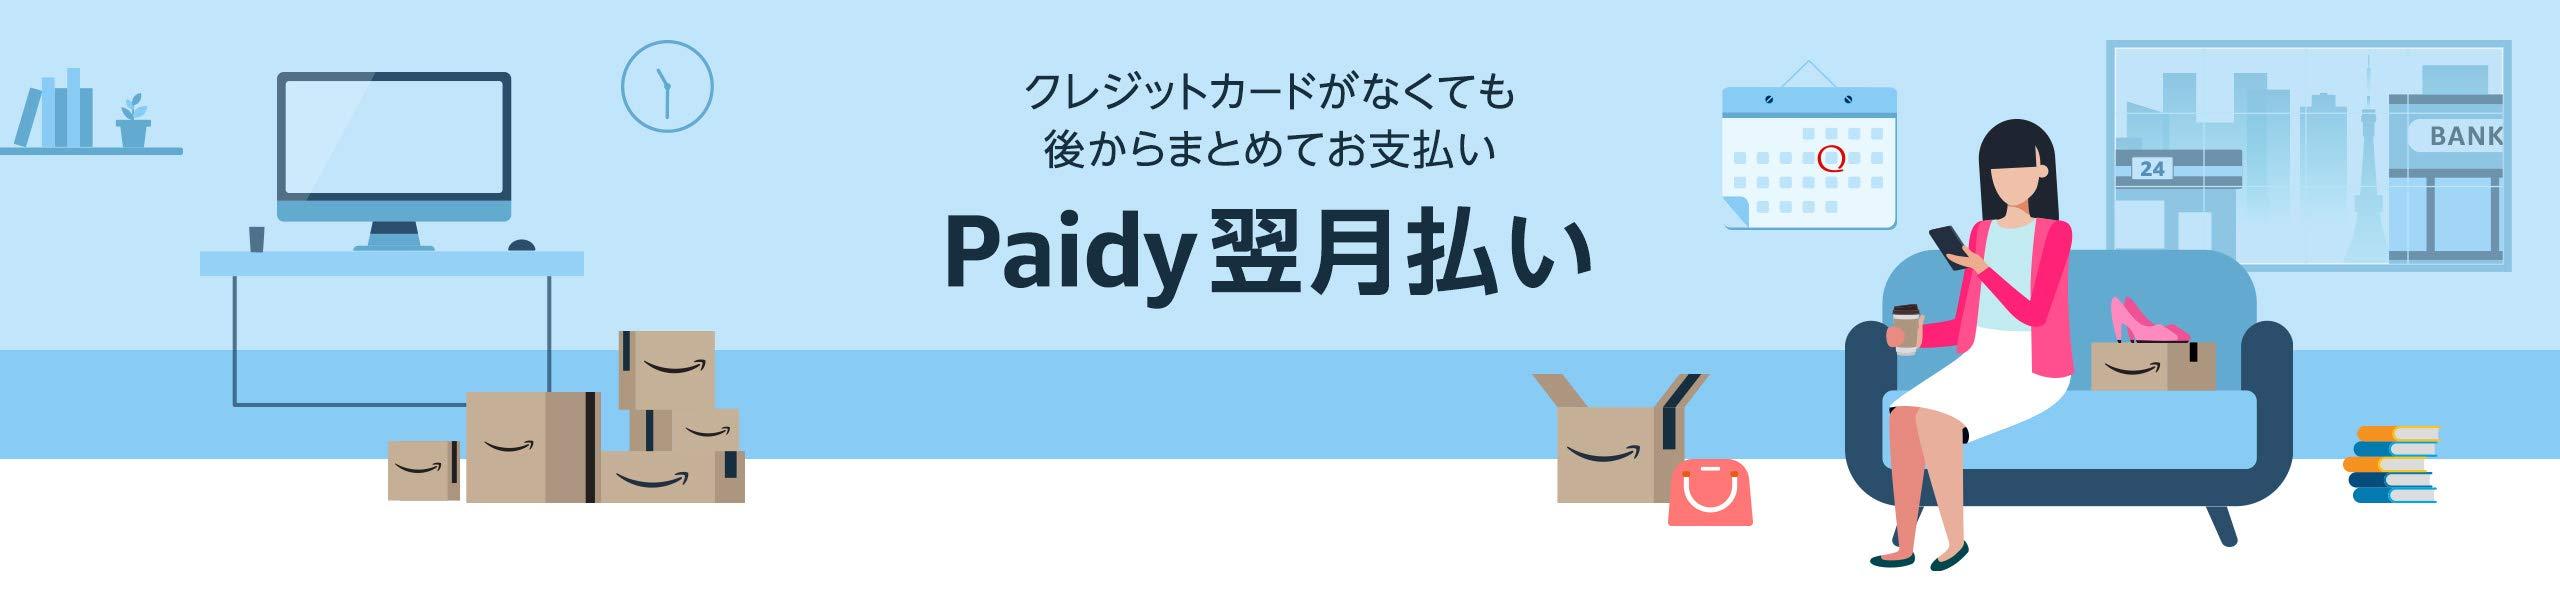 翌月 払い paidy